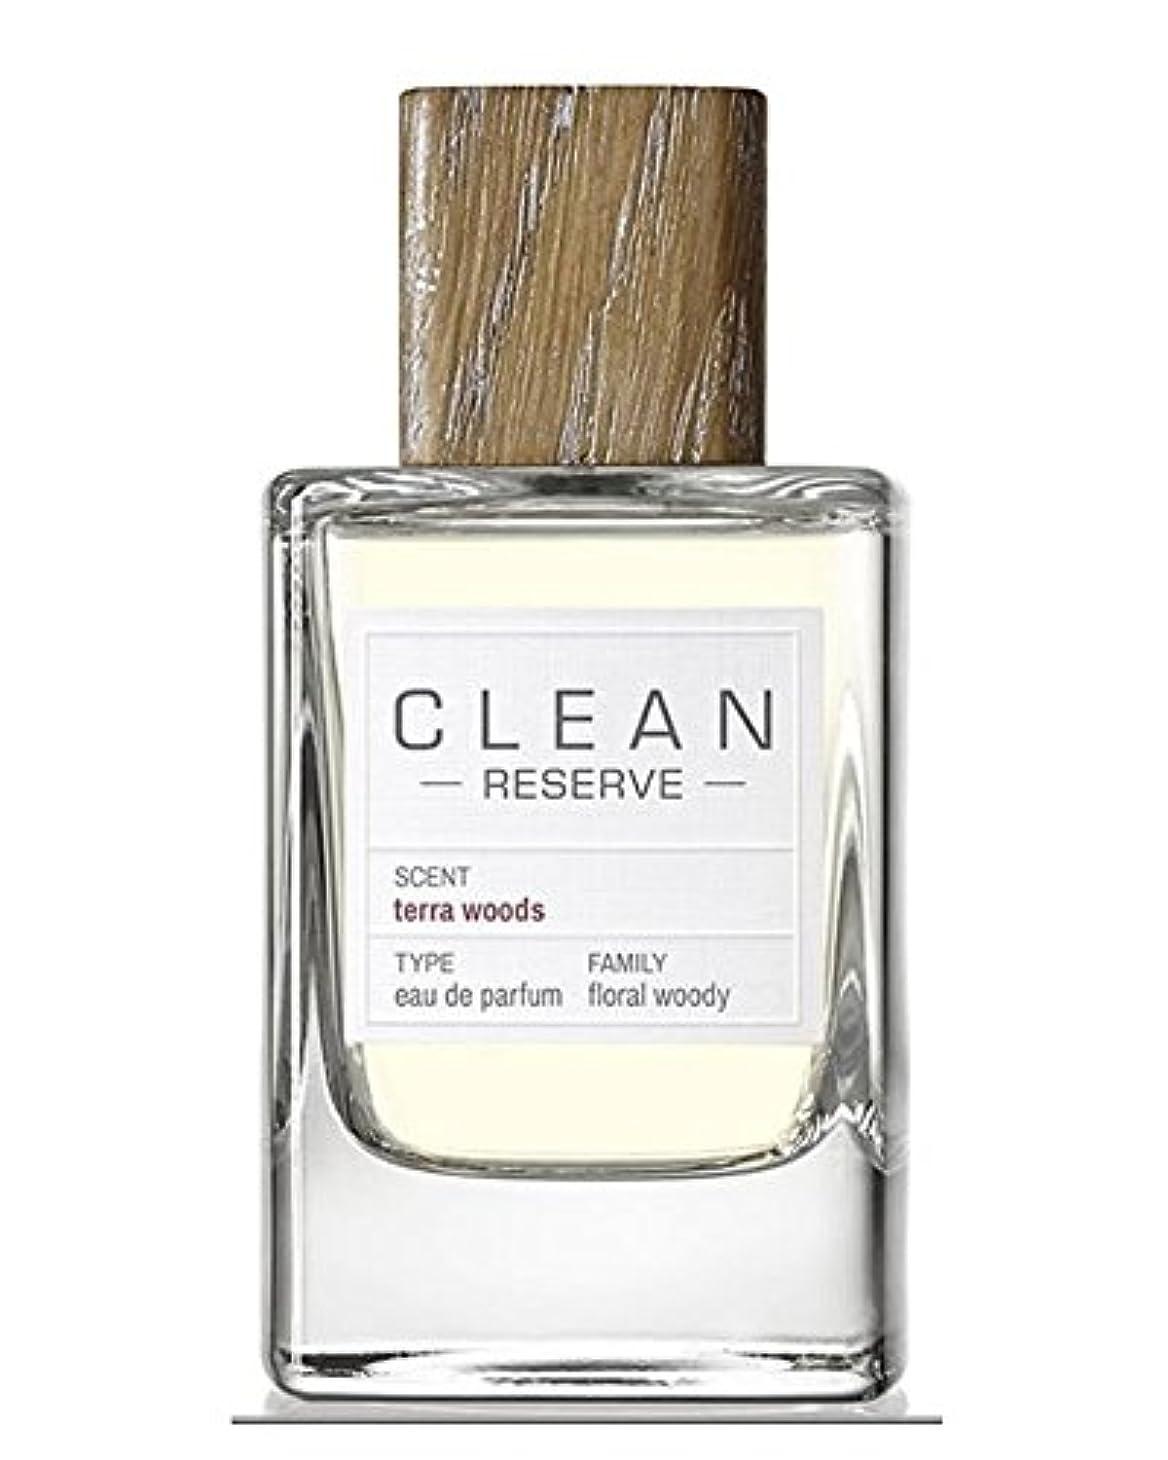 ネズミ再び即席◆【CLEAN】Unisex香水◆クリーン リザーブ テーラーウッド オードパルファムEDP 100ml◆